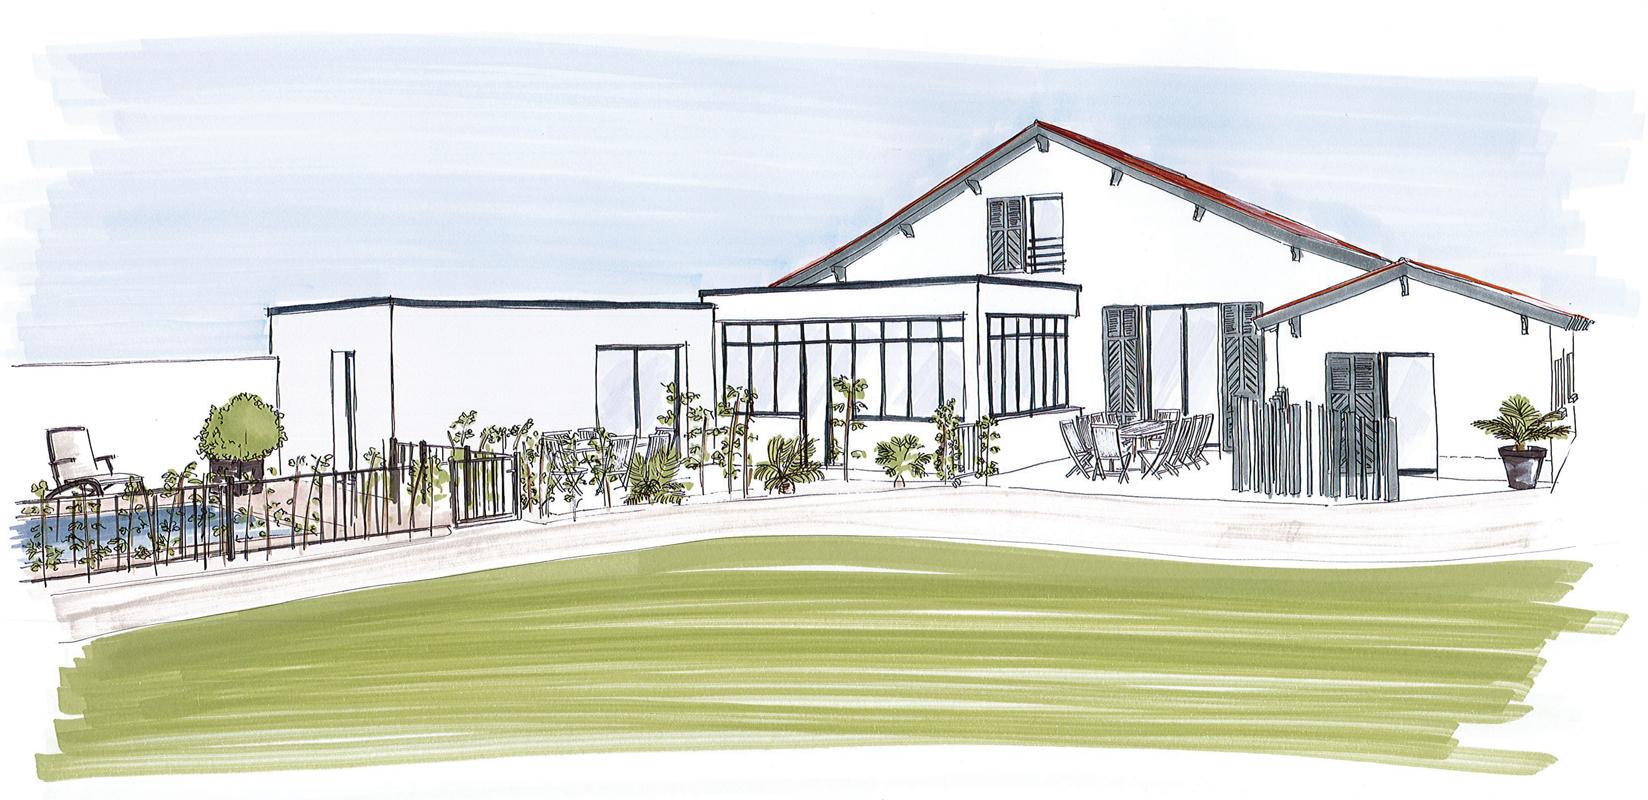 Projet extension de maison - St-Hilaire-de-Riez